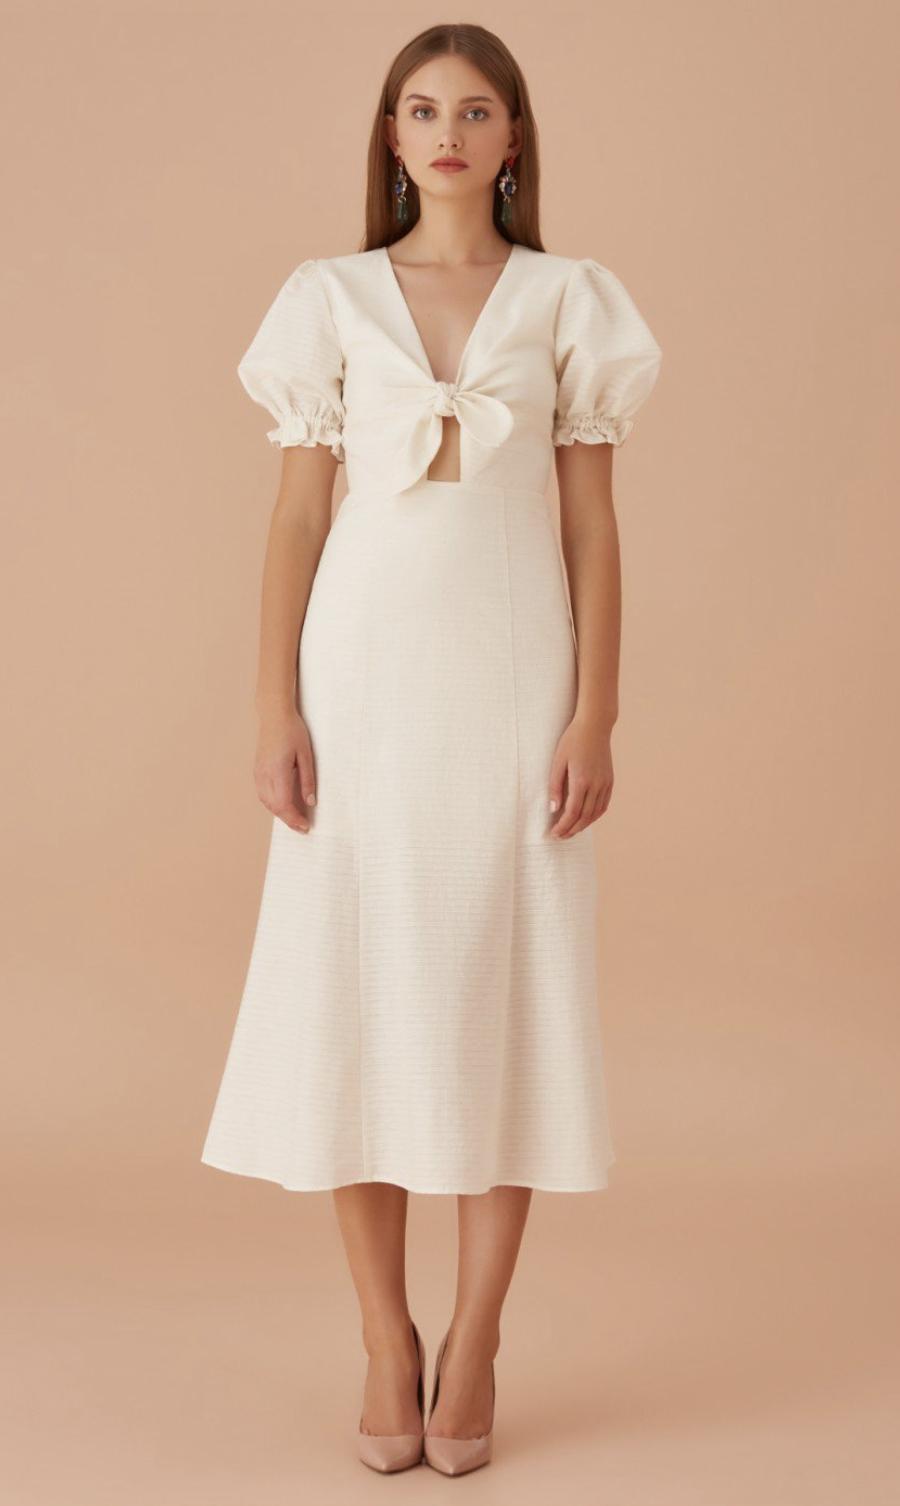 下一站的海島度假準備:象牙白洋裝(我已買了XD)